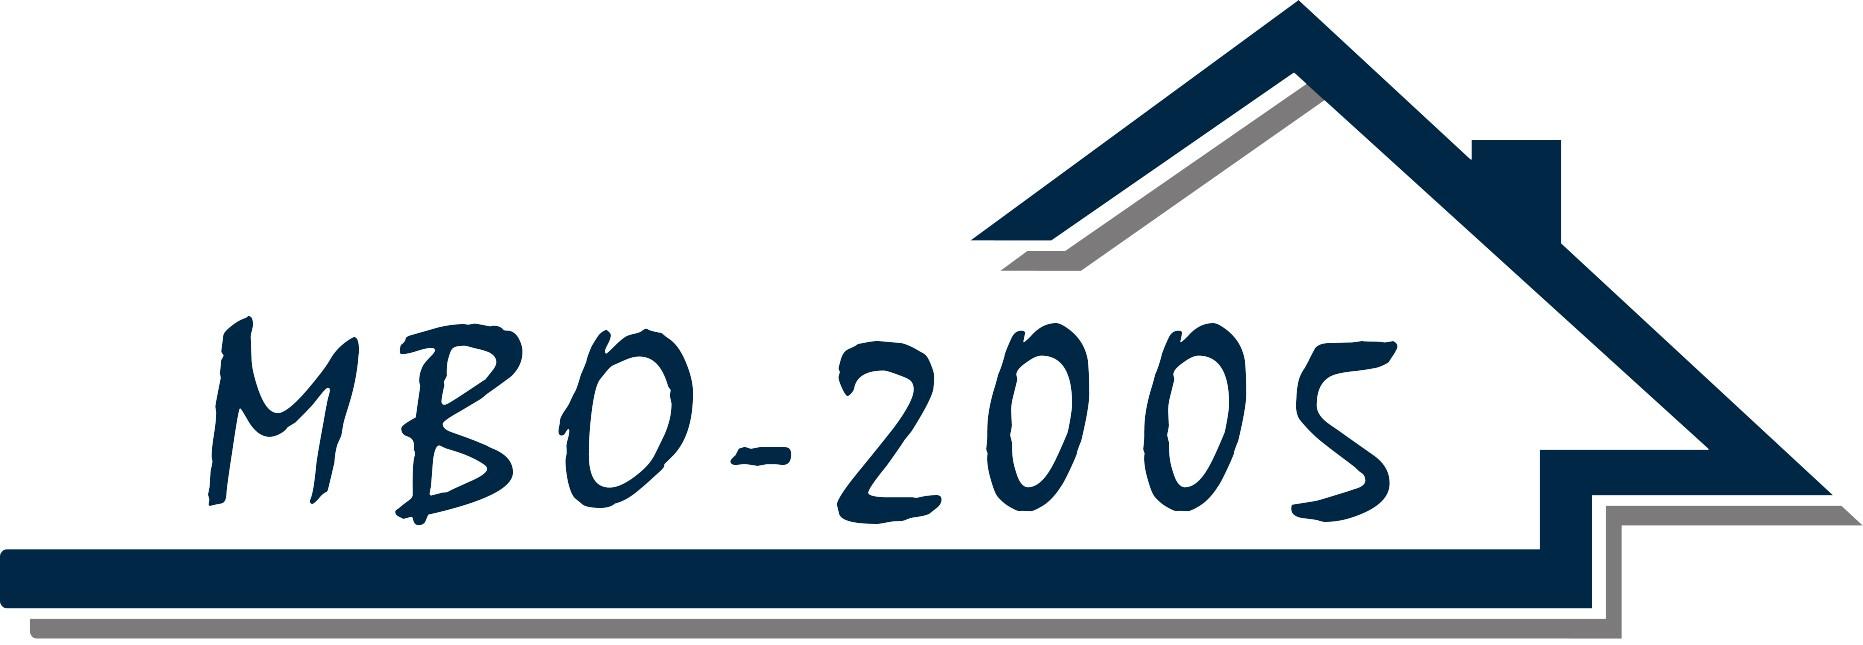 Интернет-магазин насосного оборудования, водоснабжения, отопления и комплектующих МВО-2005